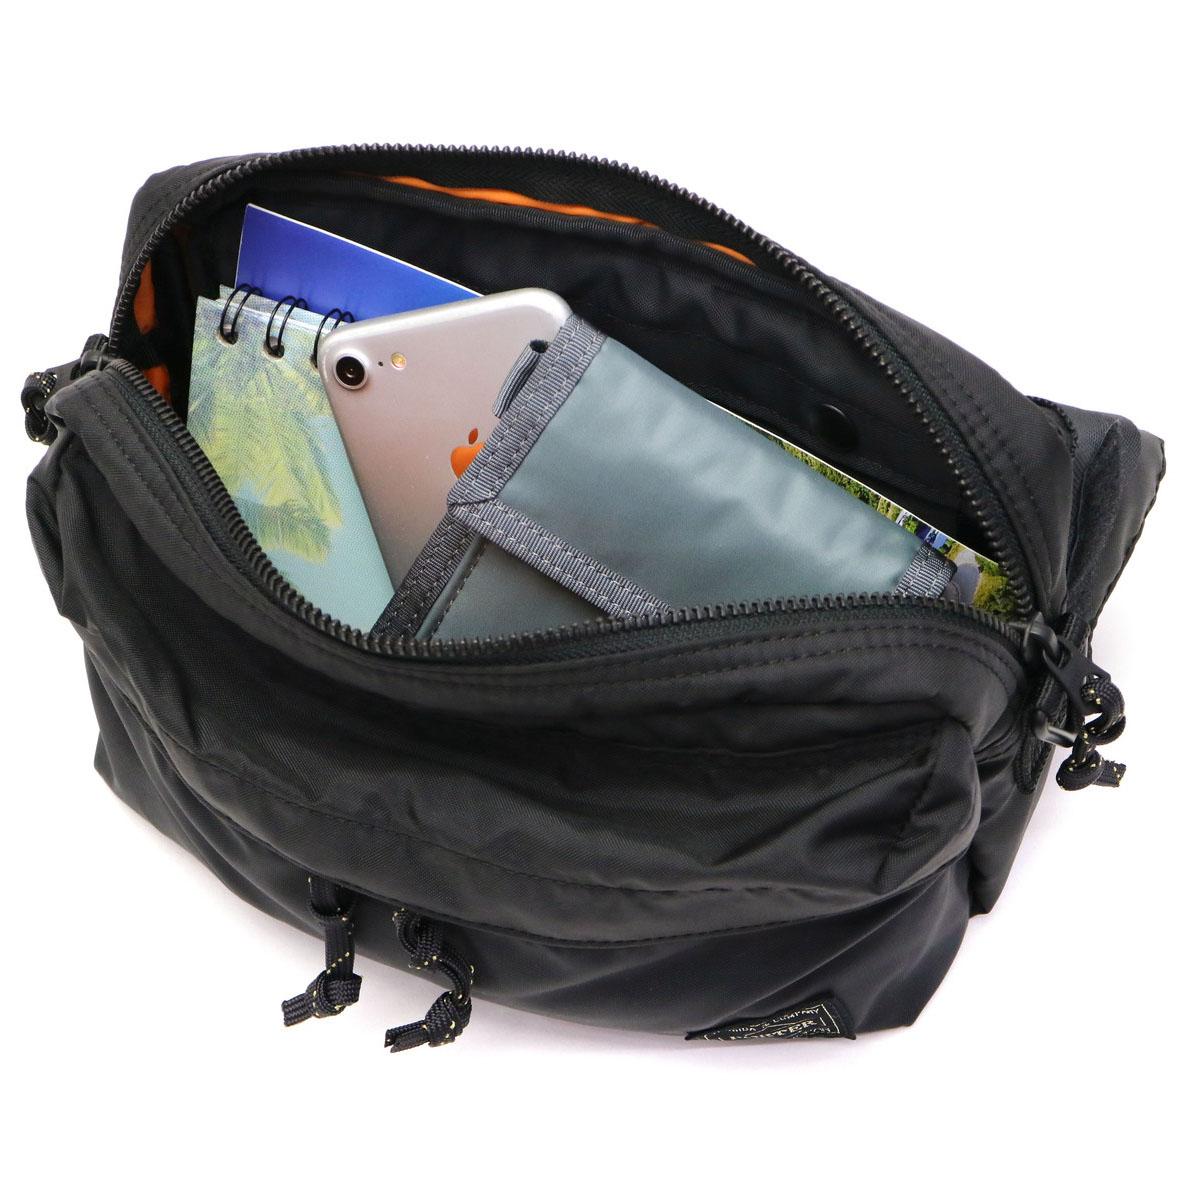 b2cb4afd93ff GALLERIA Bag-Luggage  PORTER FORCE 2way waist bag shoulder bag 855 ...